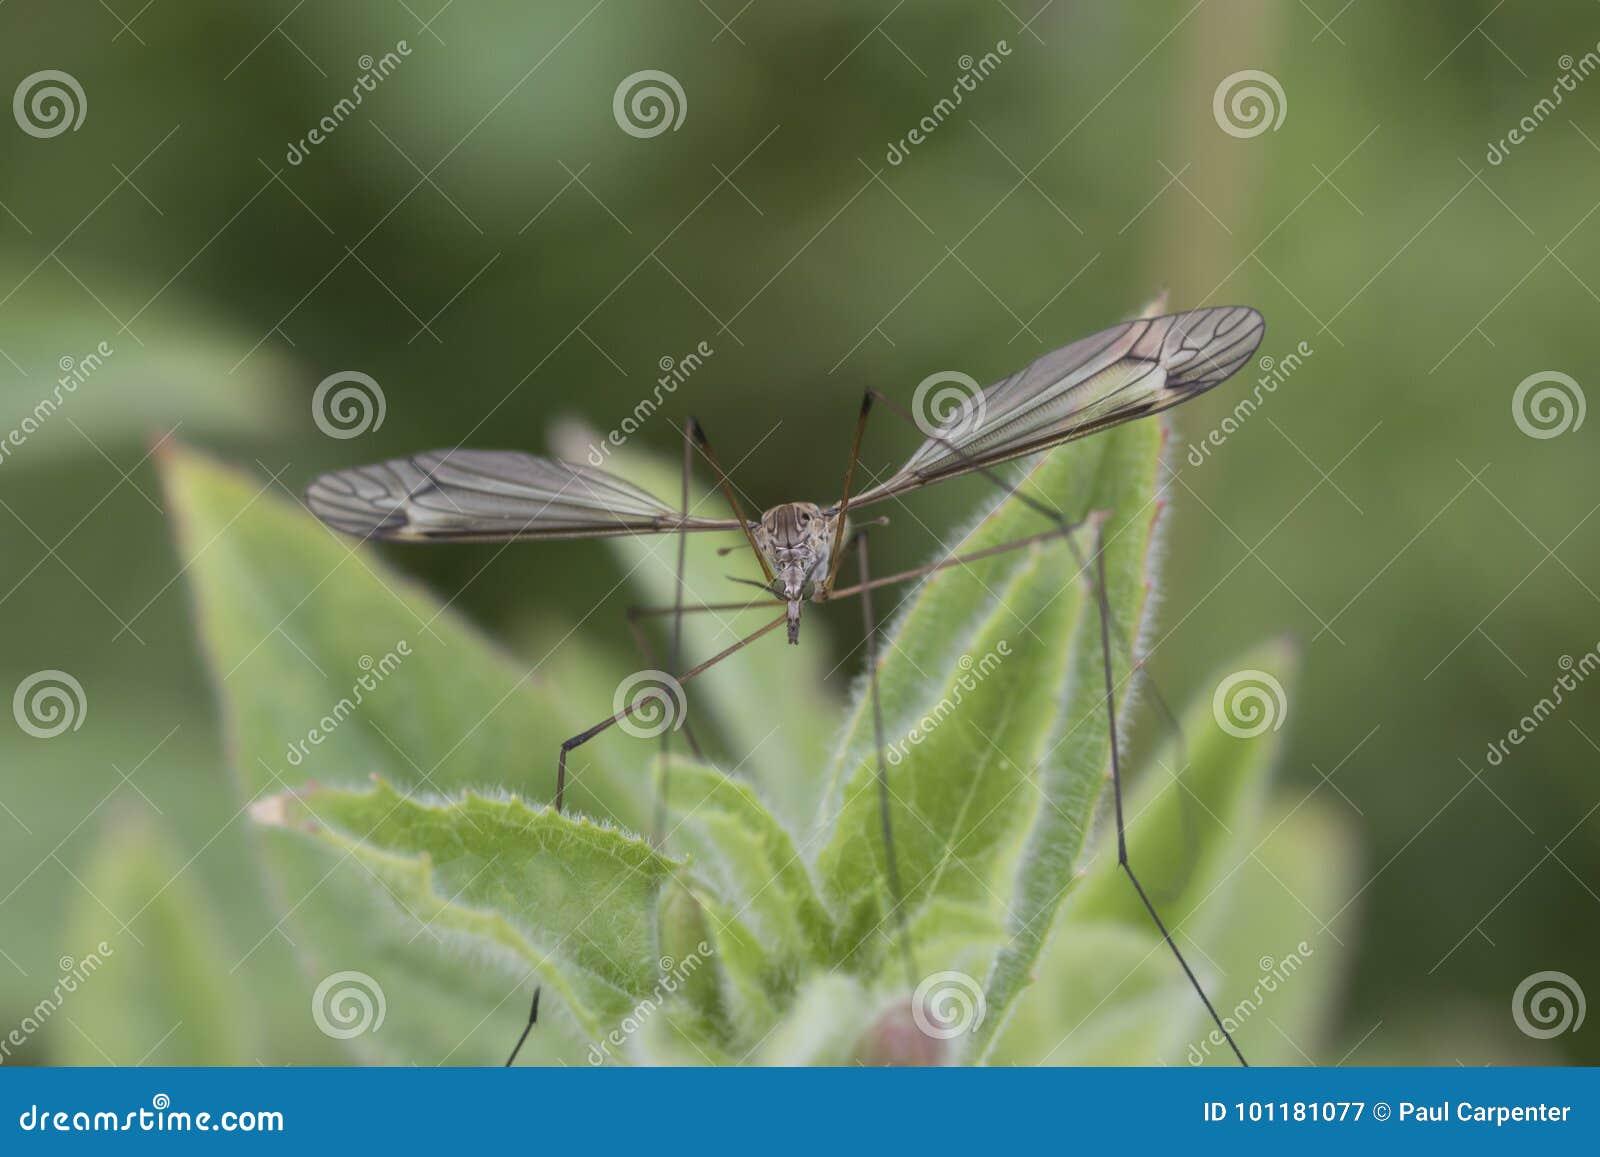 Della tigre ritratto cranefly